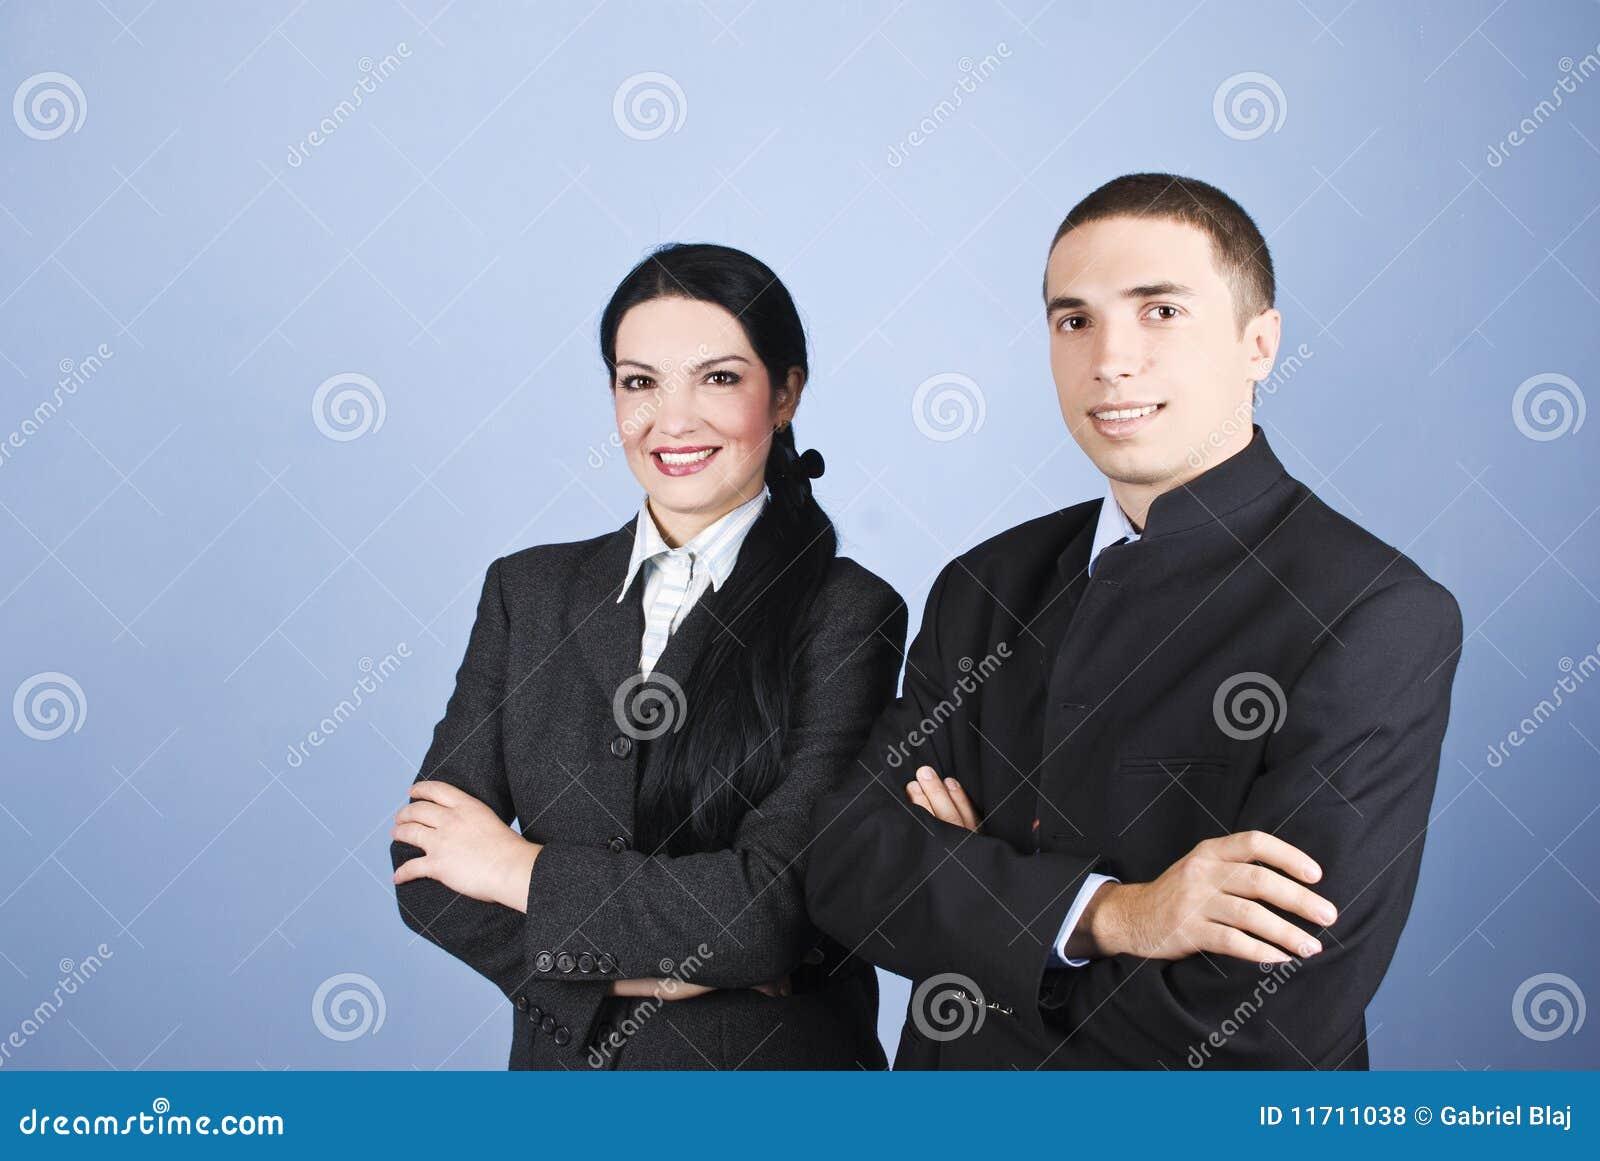 Freundliche zwei Geschäftsleute